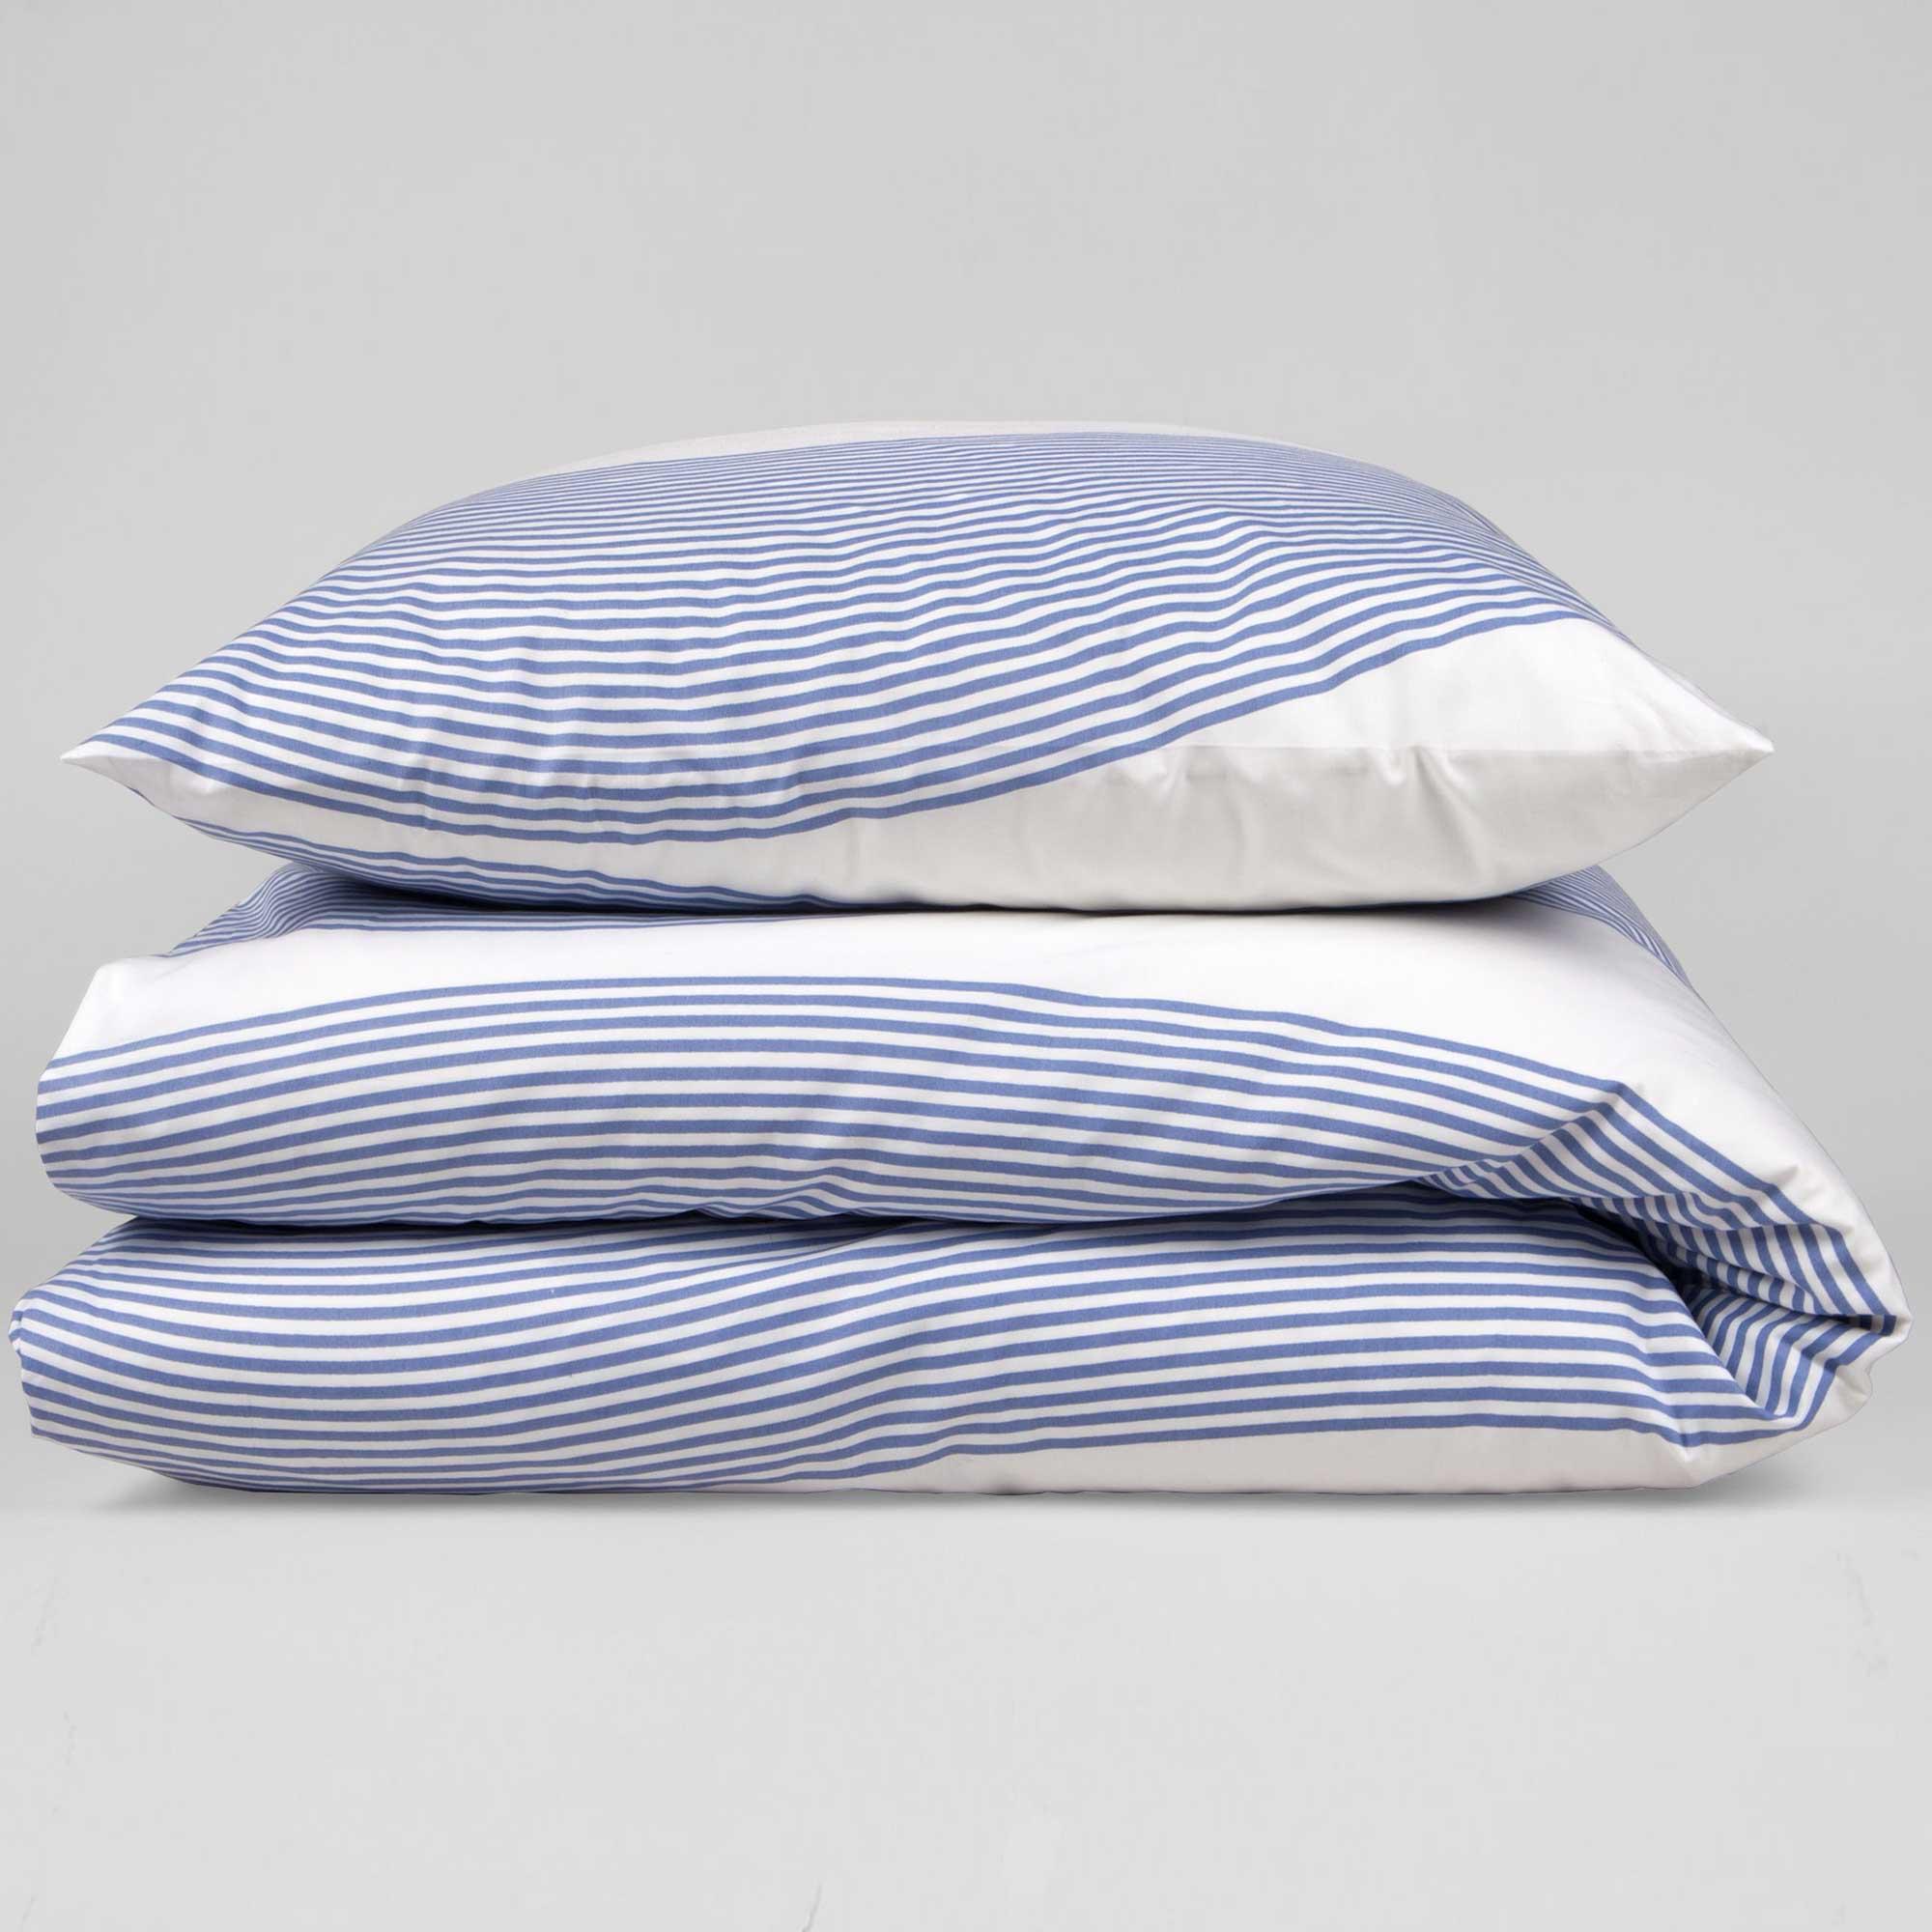 Bed linen, River blue, RosenbergCph, design by Anne Rosenberg